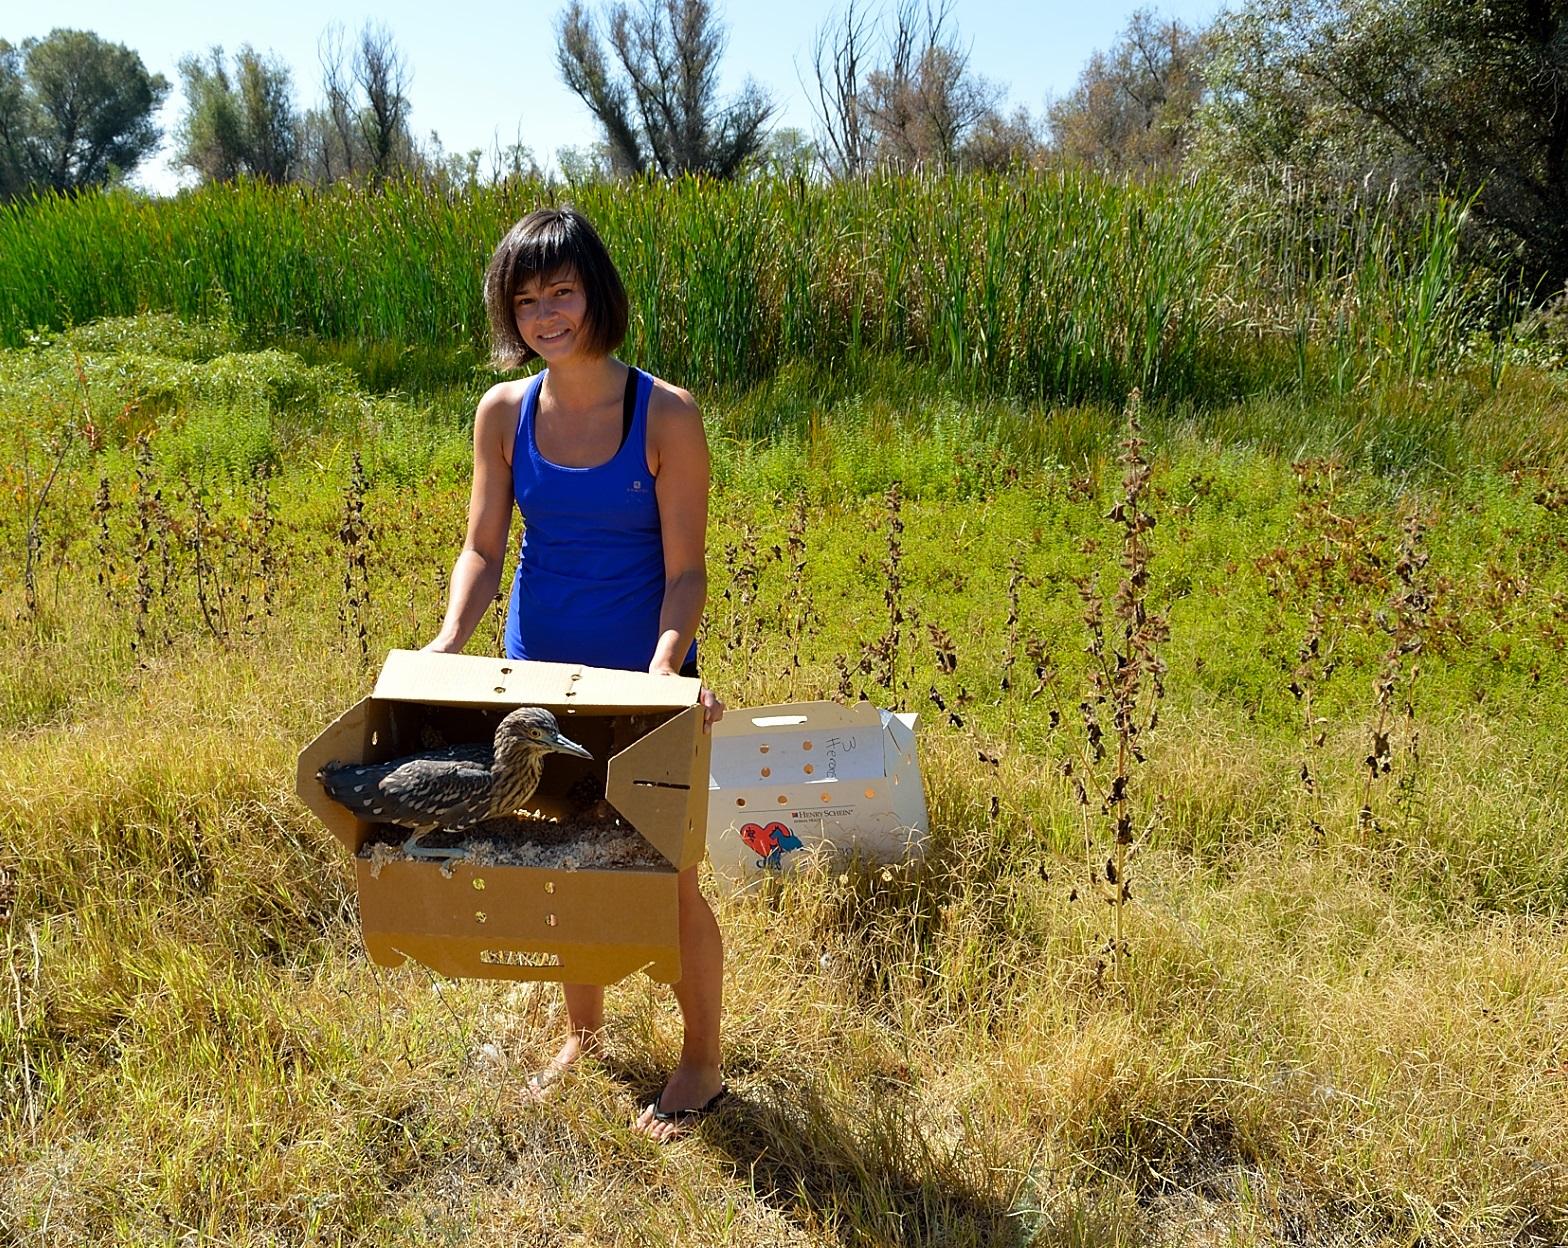 WWOOF volunteering - releasing herons